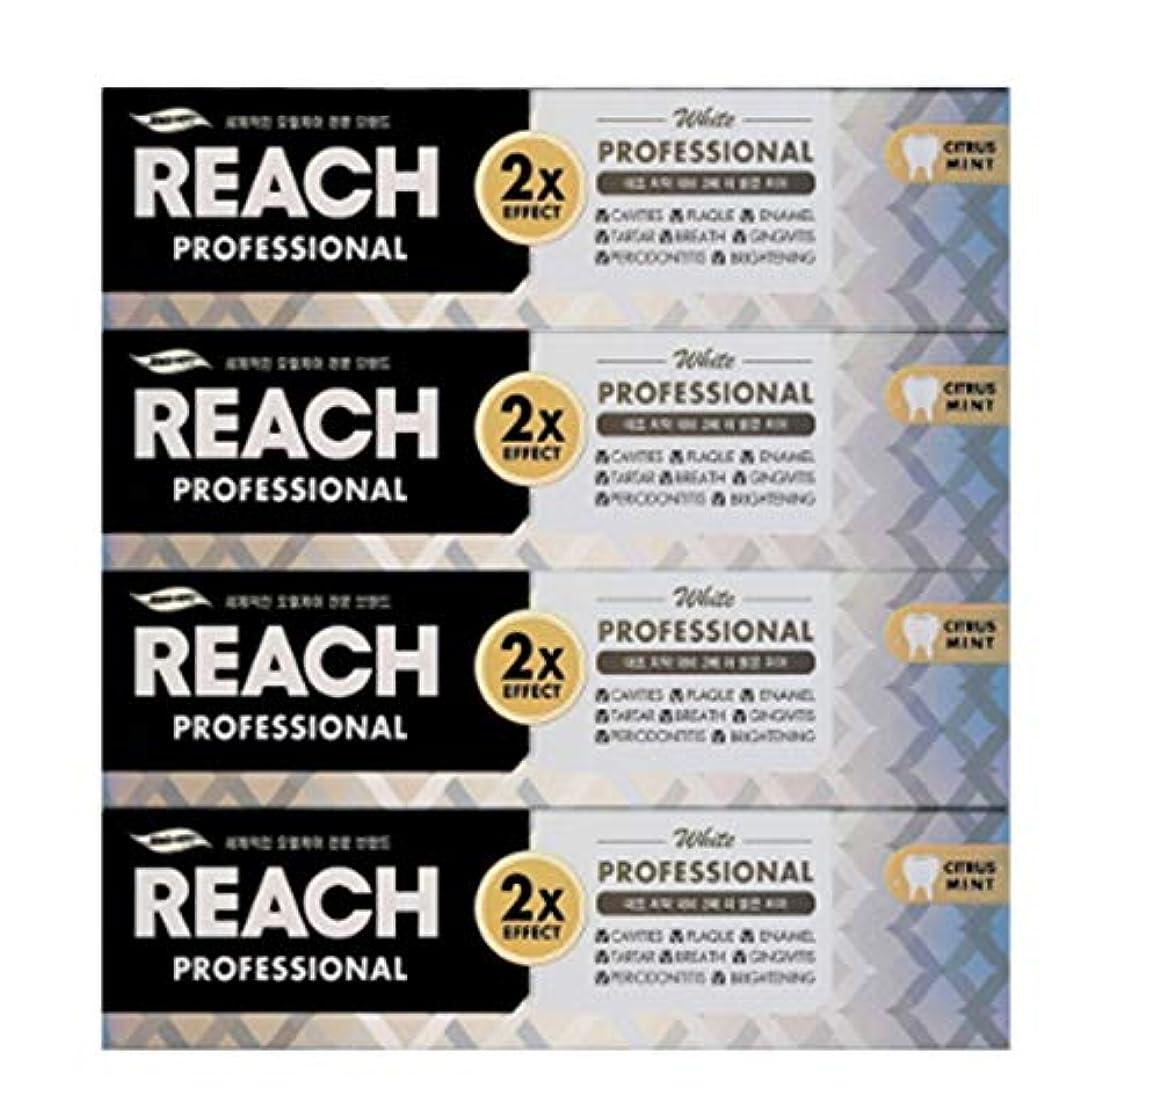 頭痛松の木彼らのもの[LG生活と健康] LG Rich Professional toothpaste whiteningリッチ、プロフェッショナル歯磨き粉ホワイトニング120g*4つの(海外直送品)